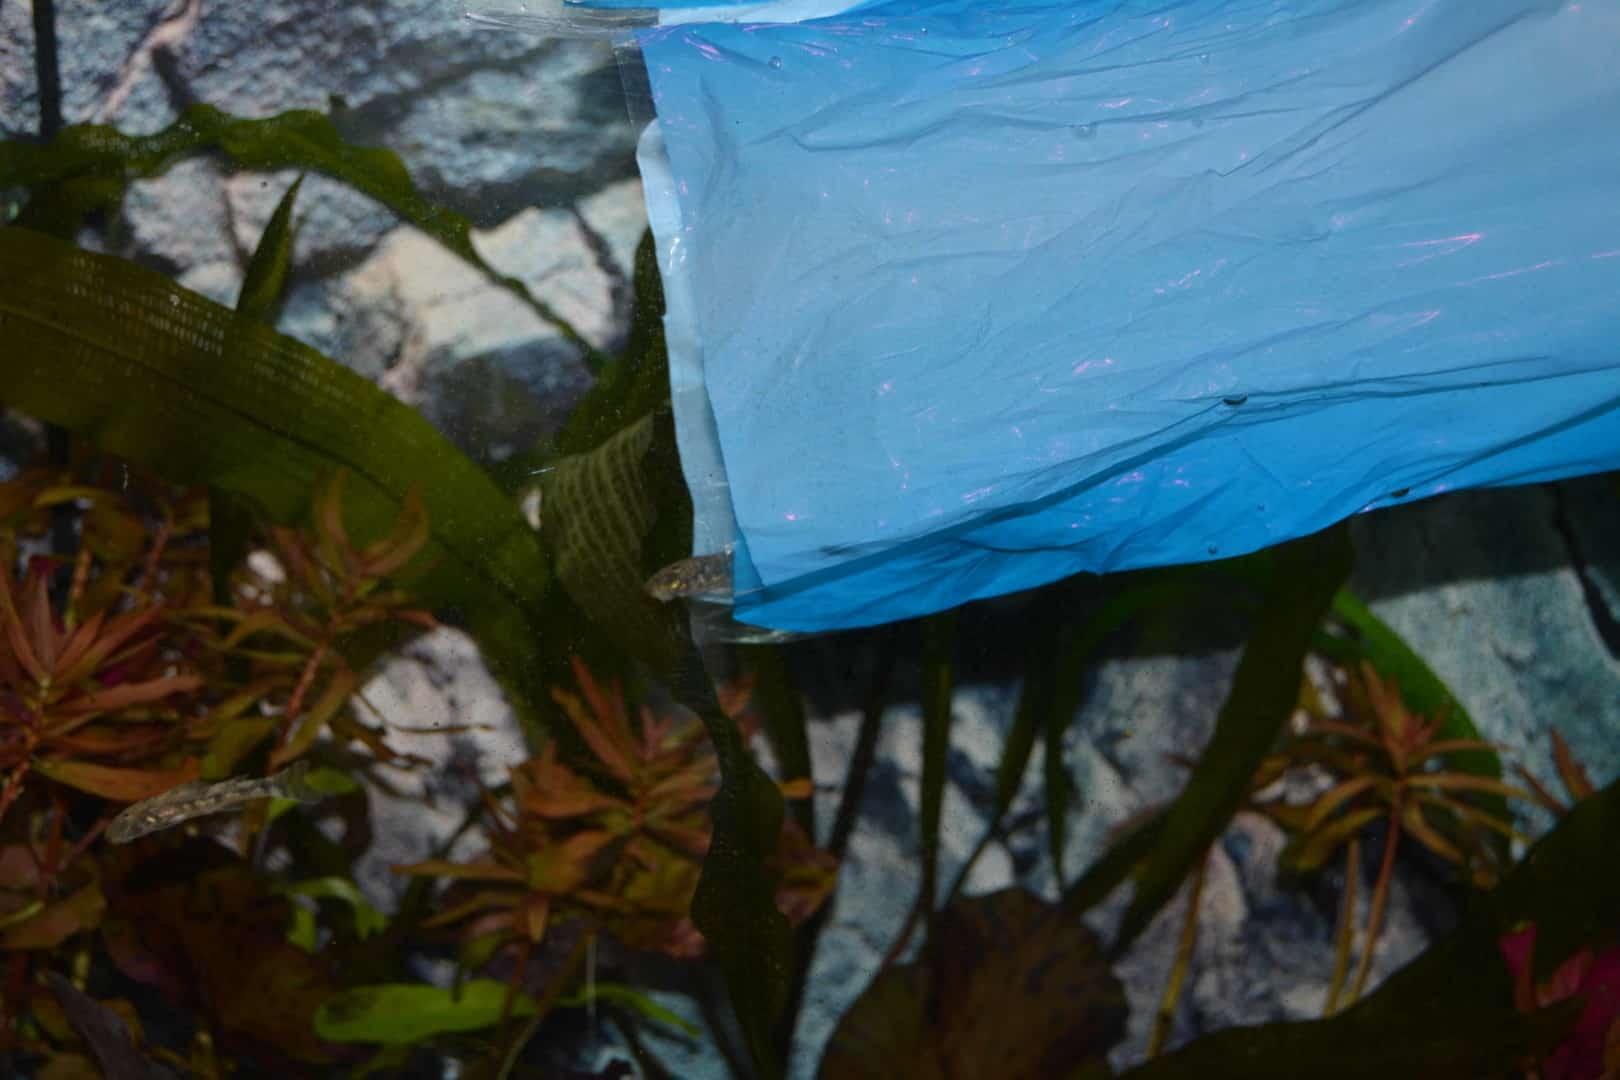 Einzug ins Aquarium: Fische richtig einsetzen 4